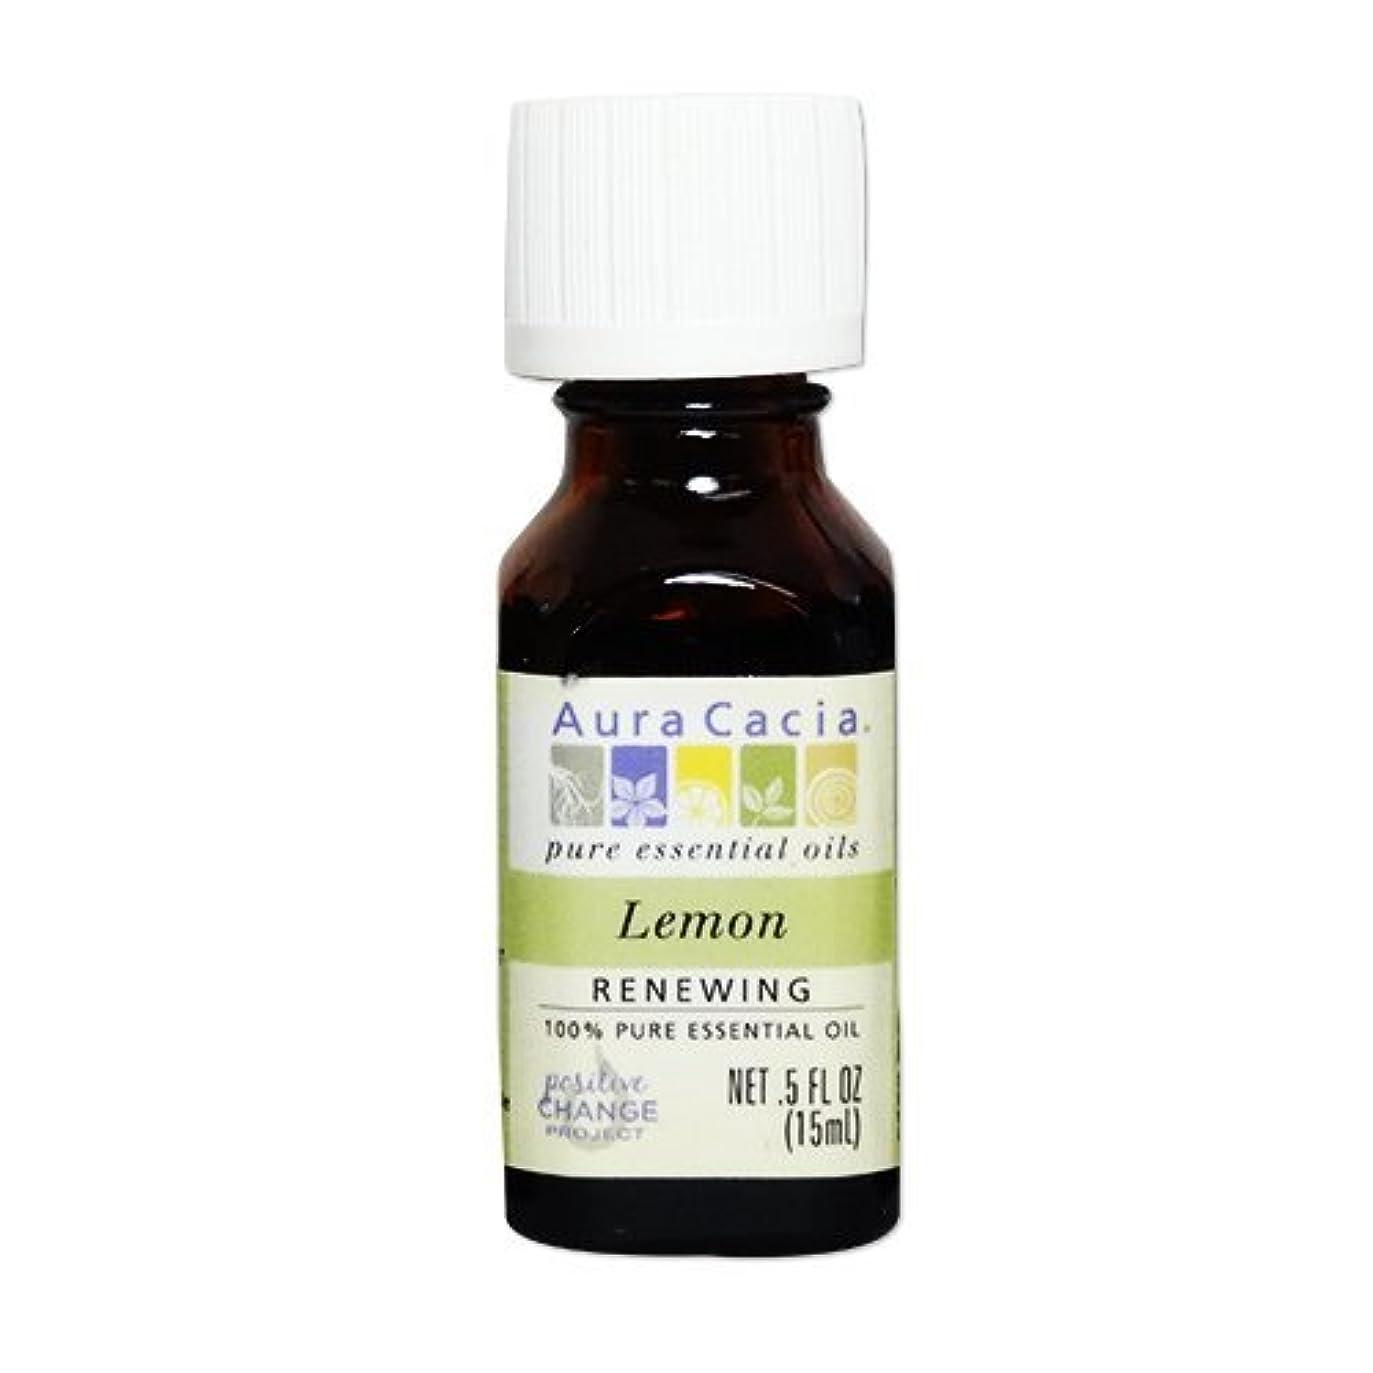 発揮する抜け目がない位置づける[海外直送品] オーラカシア(Aura Cacia) レモン 15ml